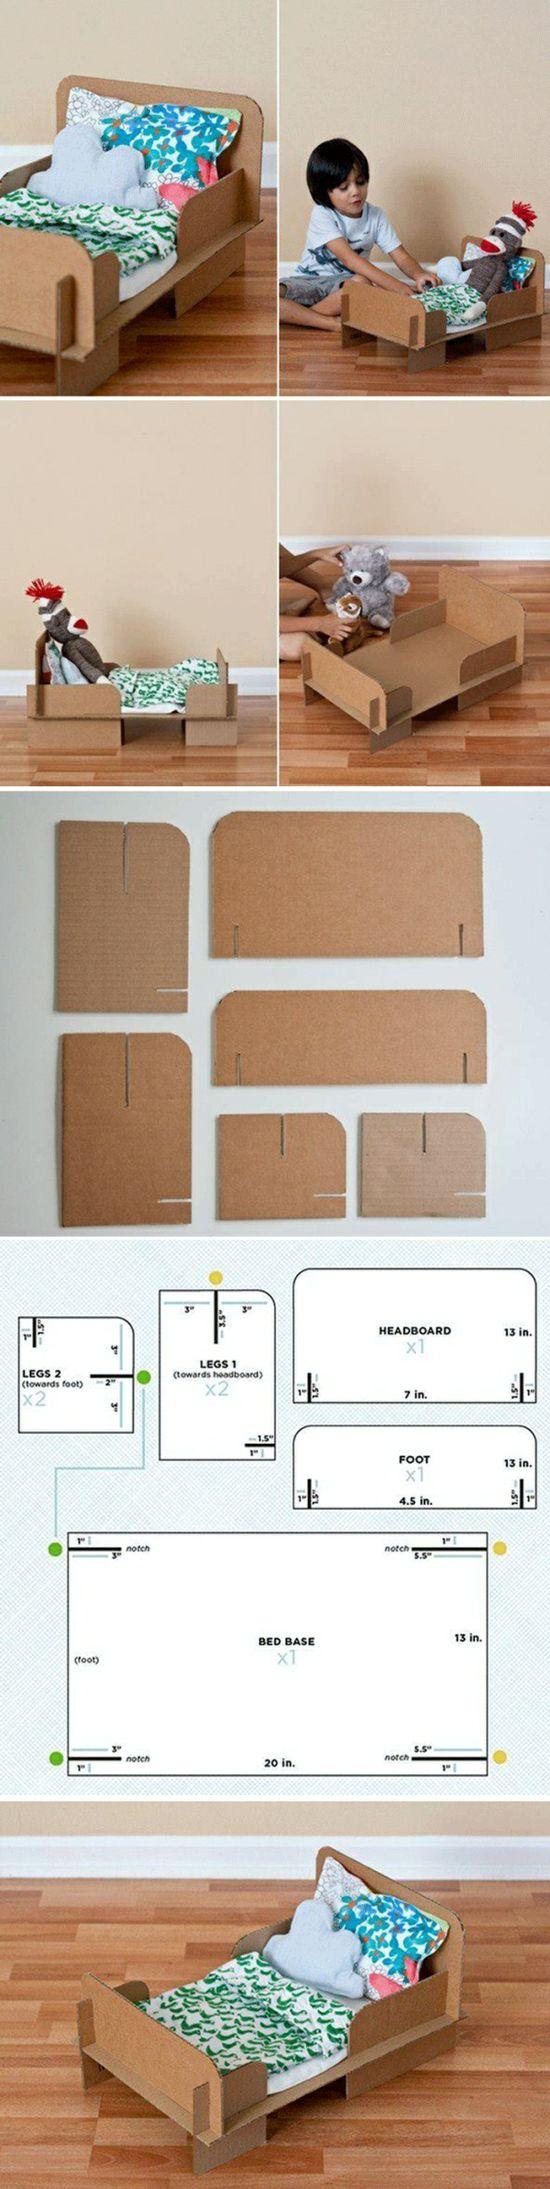 pin von linda liebt auf meine lieblinge pinterest puppen karton und pappe. Black Bedroom Furniture Sets. Home Design Ideas